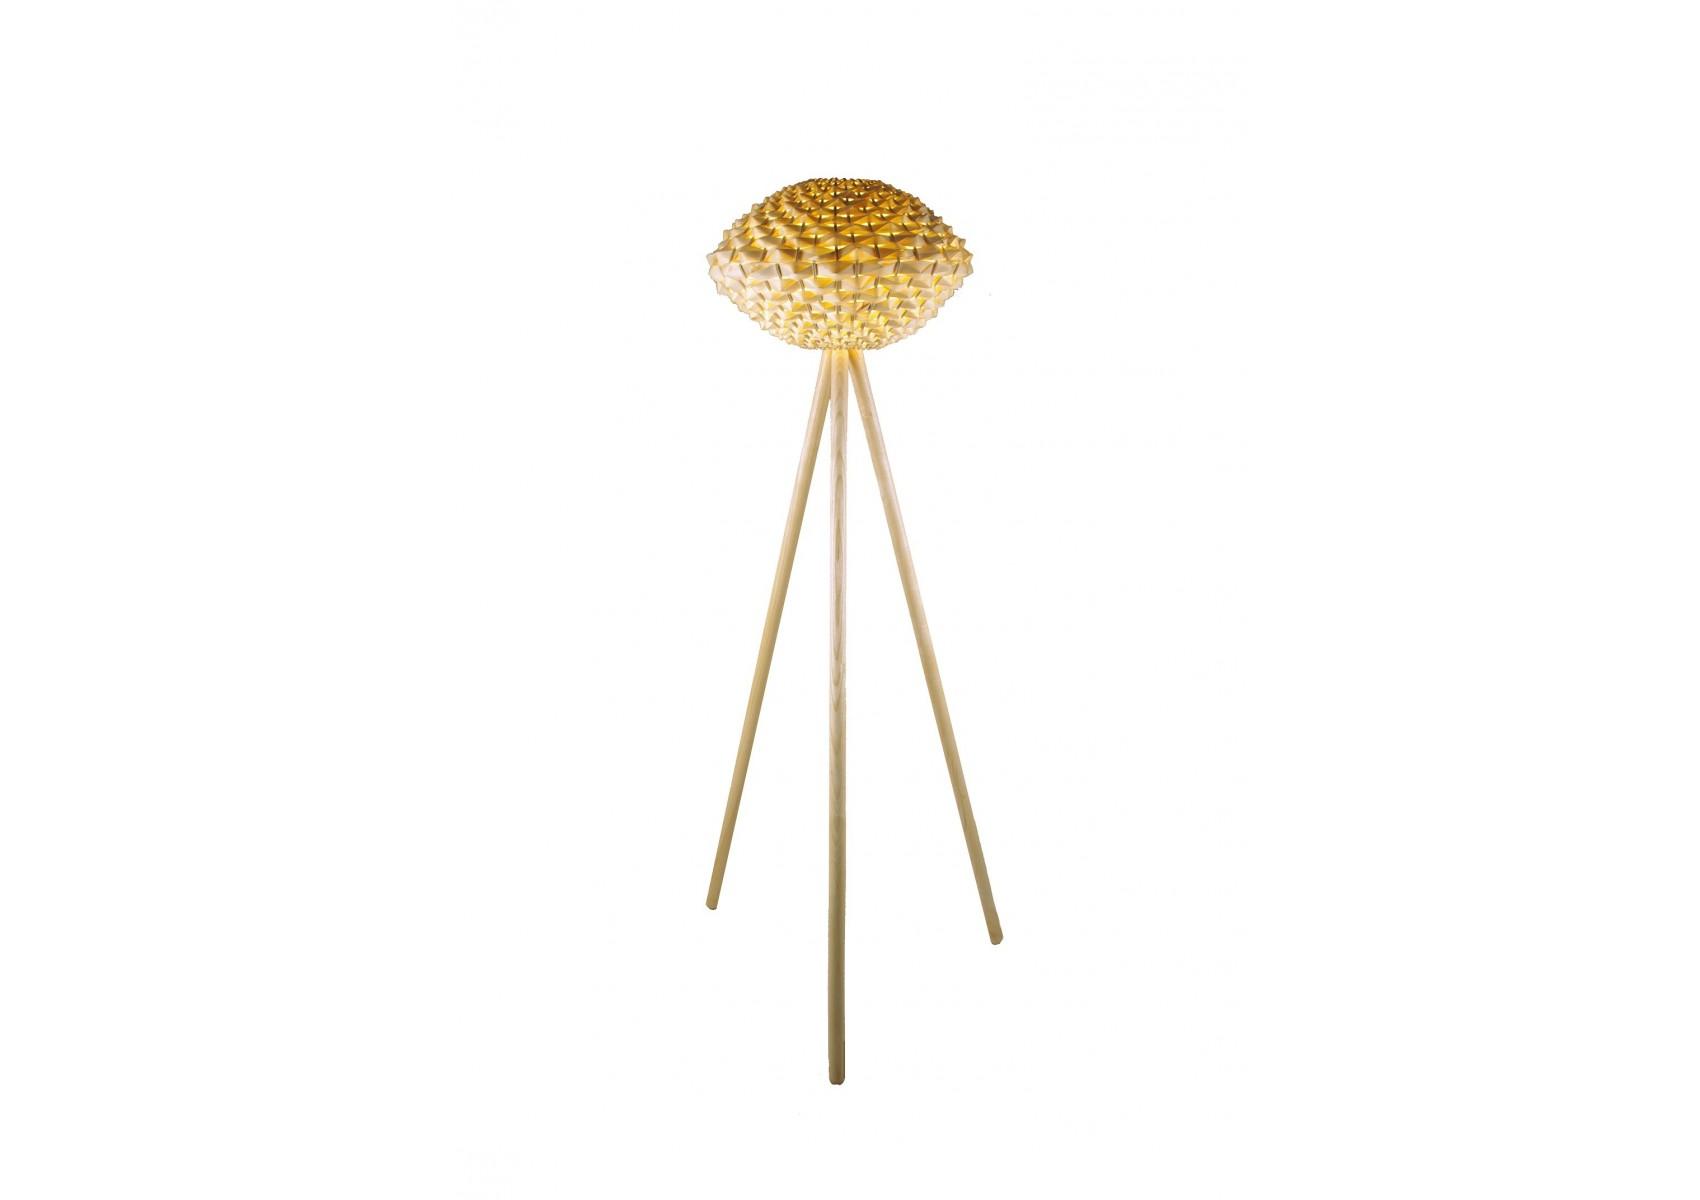 Lampadaire design Triolo ls en bois et bambou naturel Boite à design